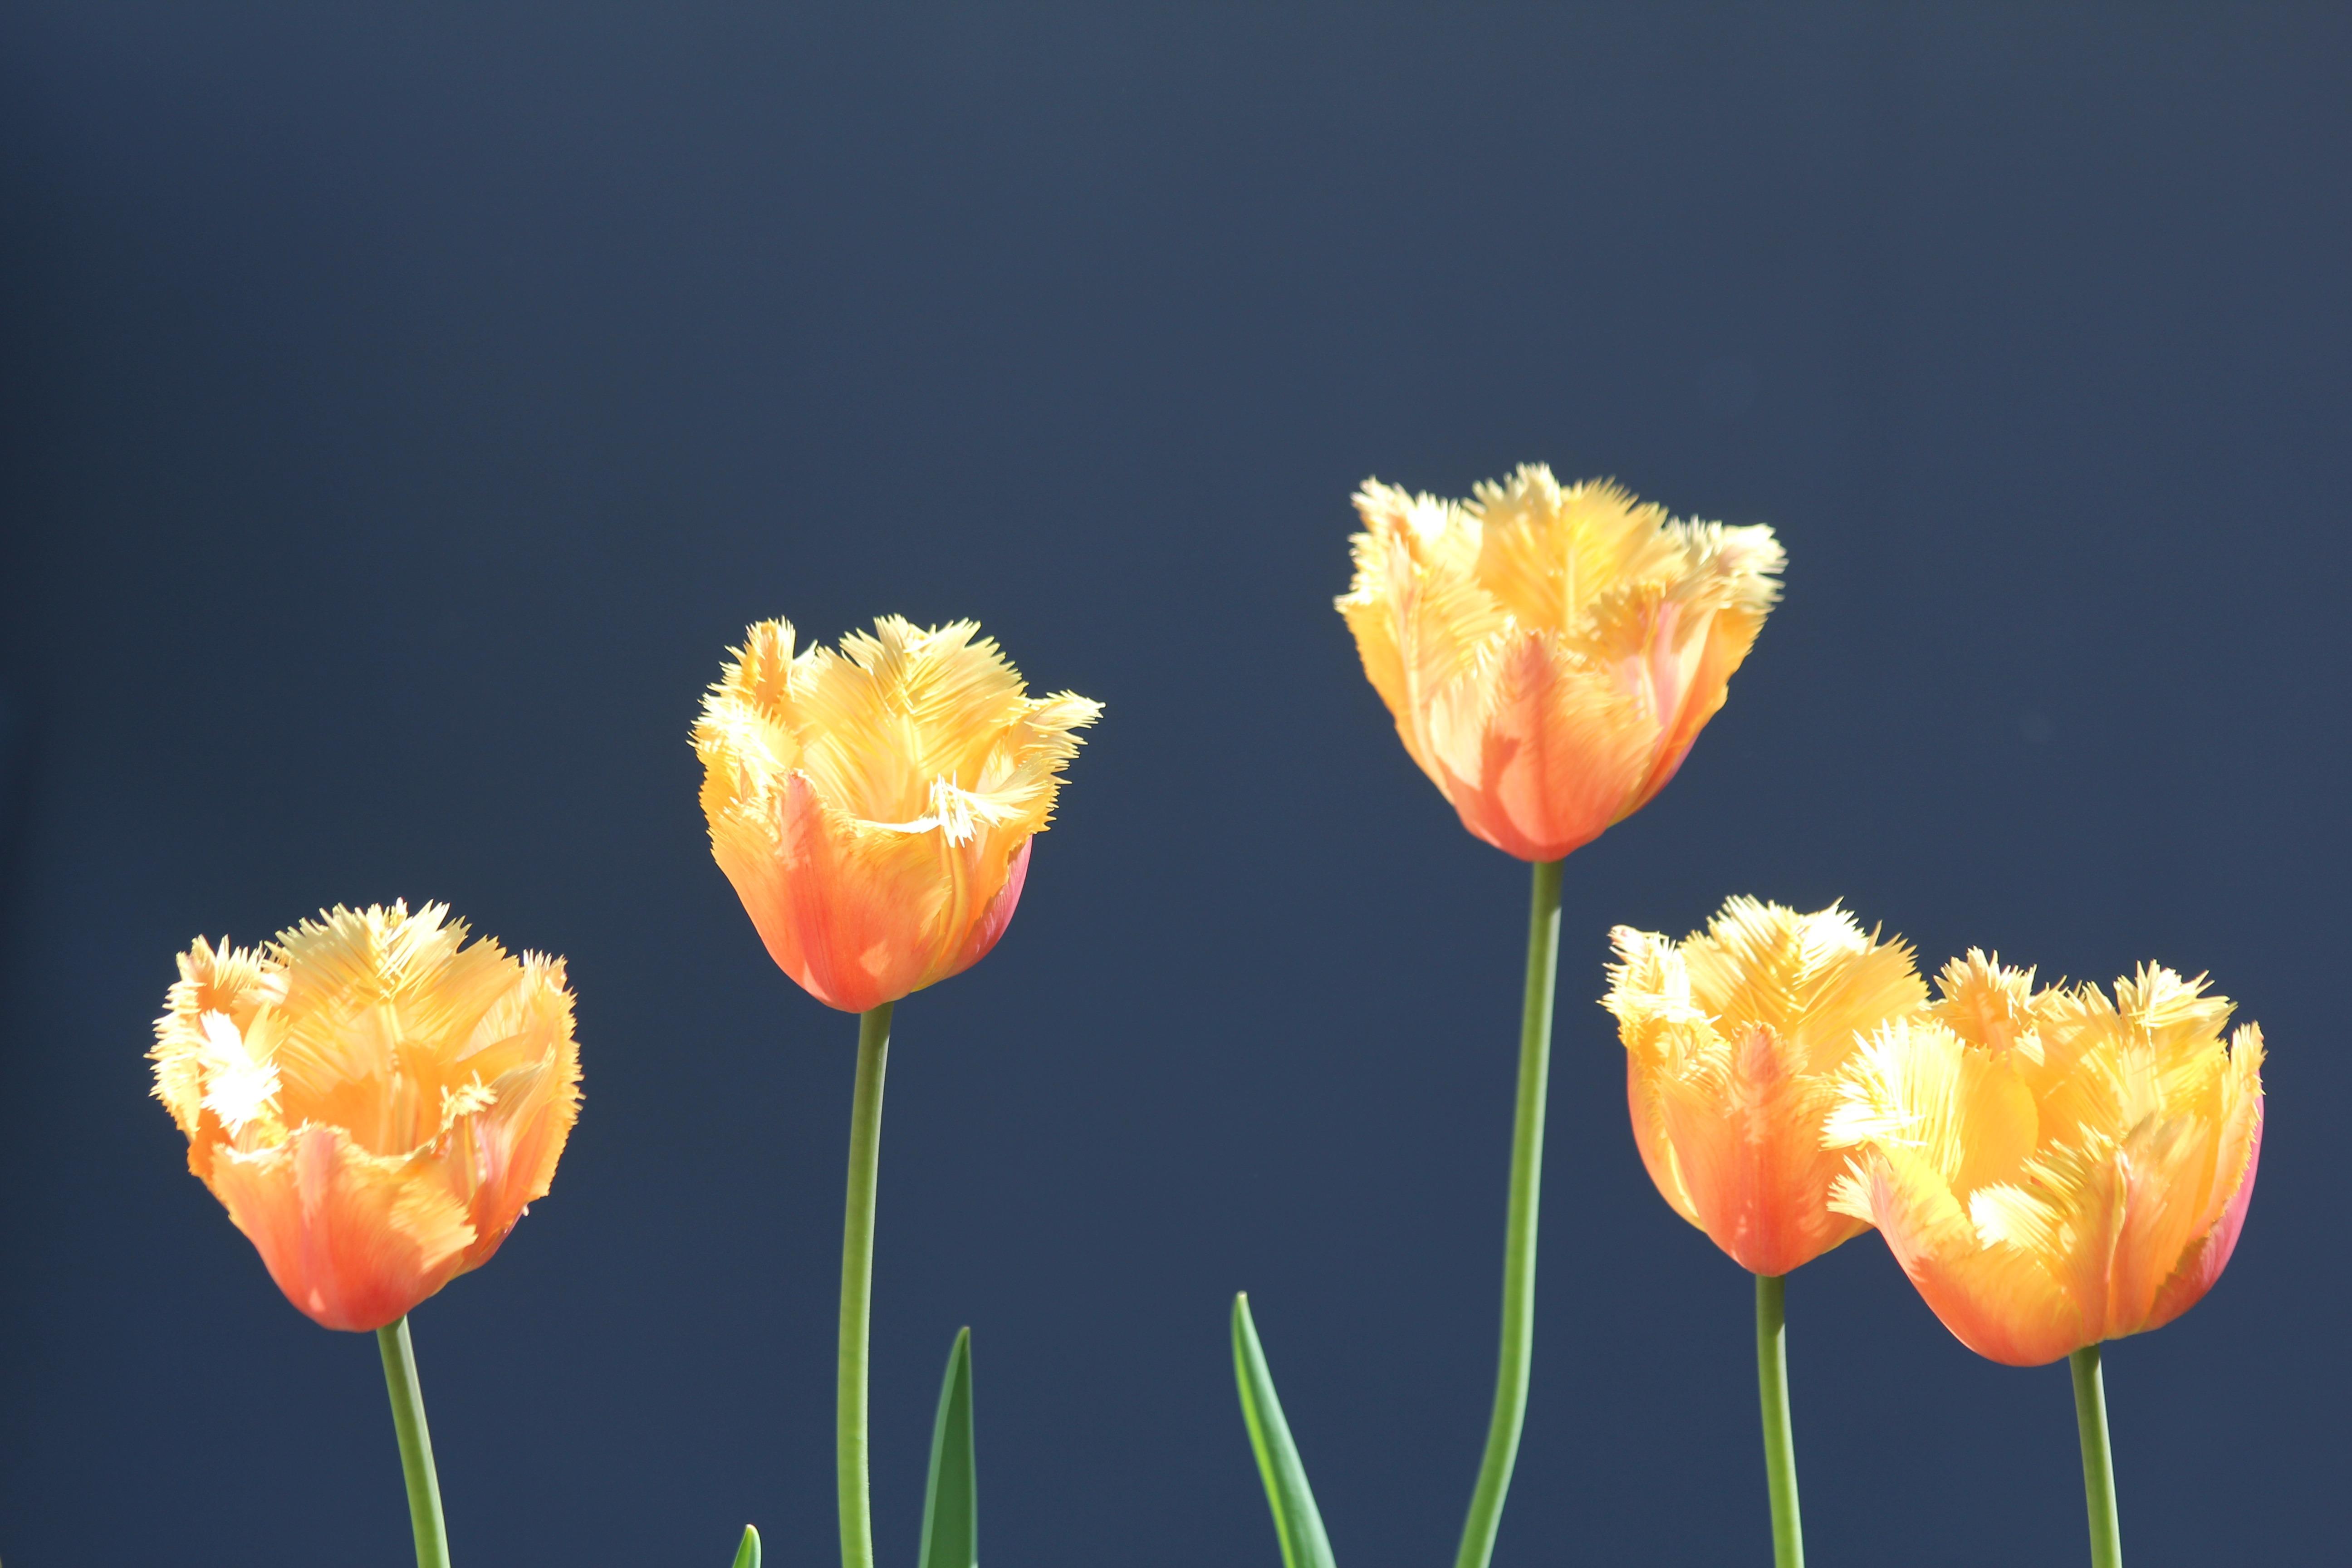 Fotos Gratis Naturaleza Flor Petalo Tulipan Natural Amarillo